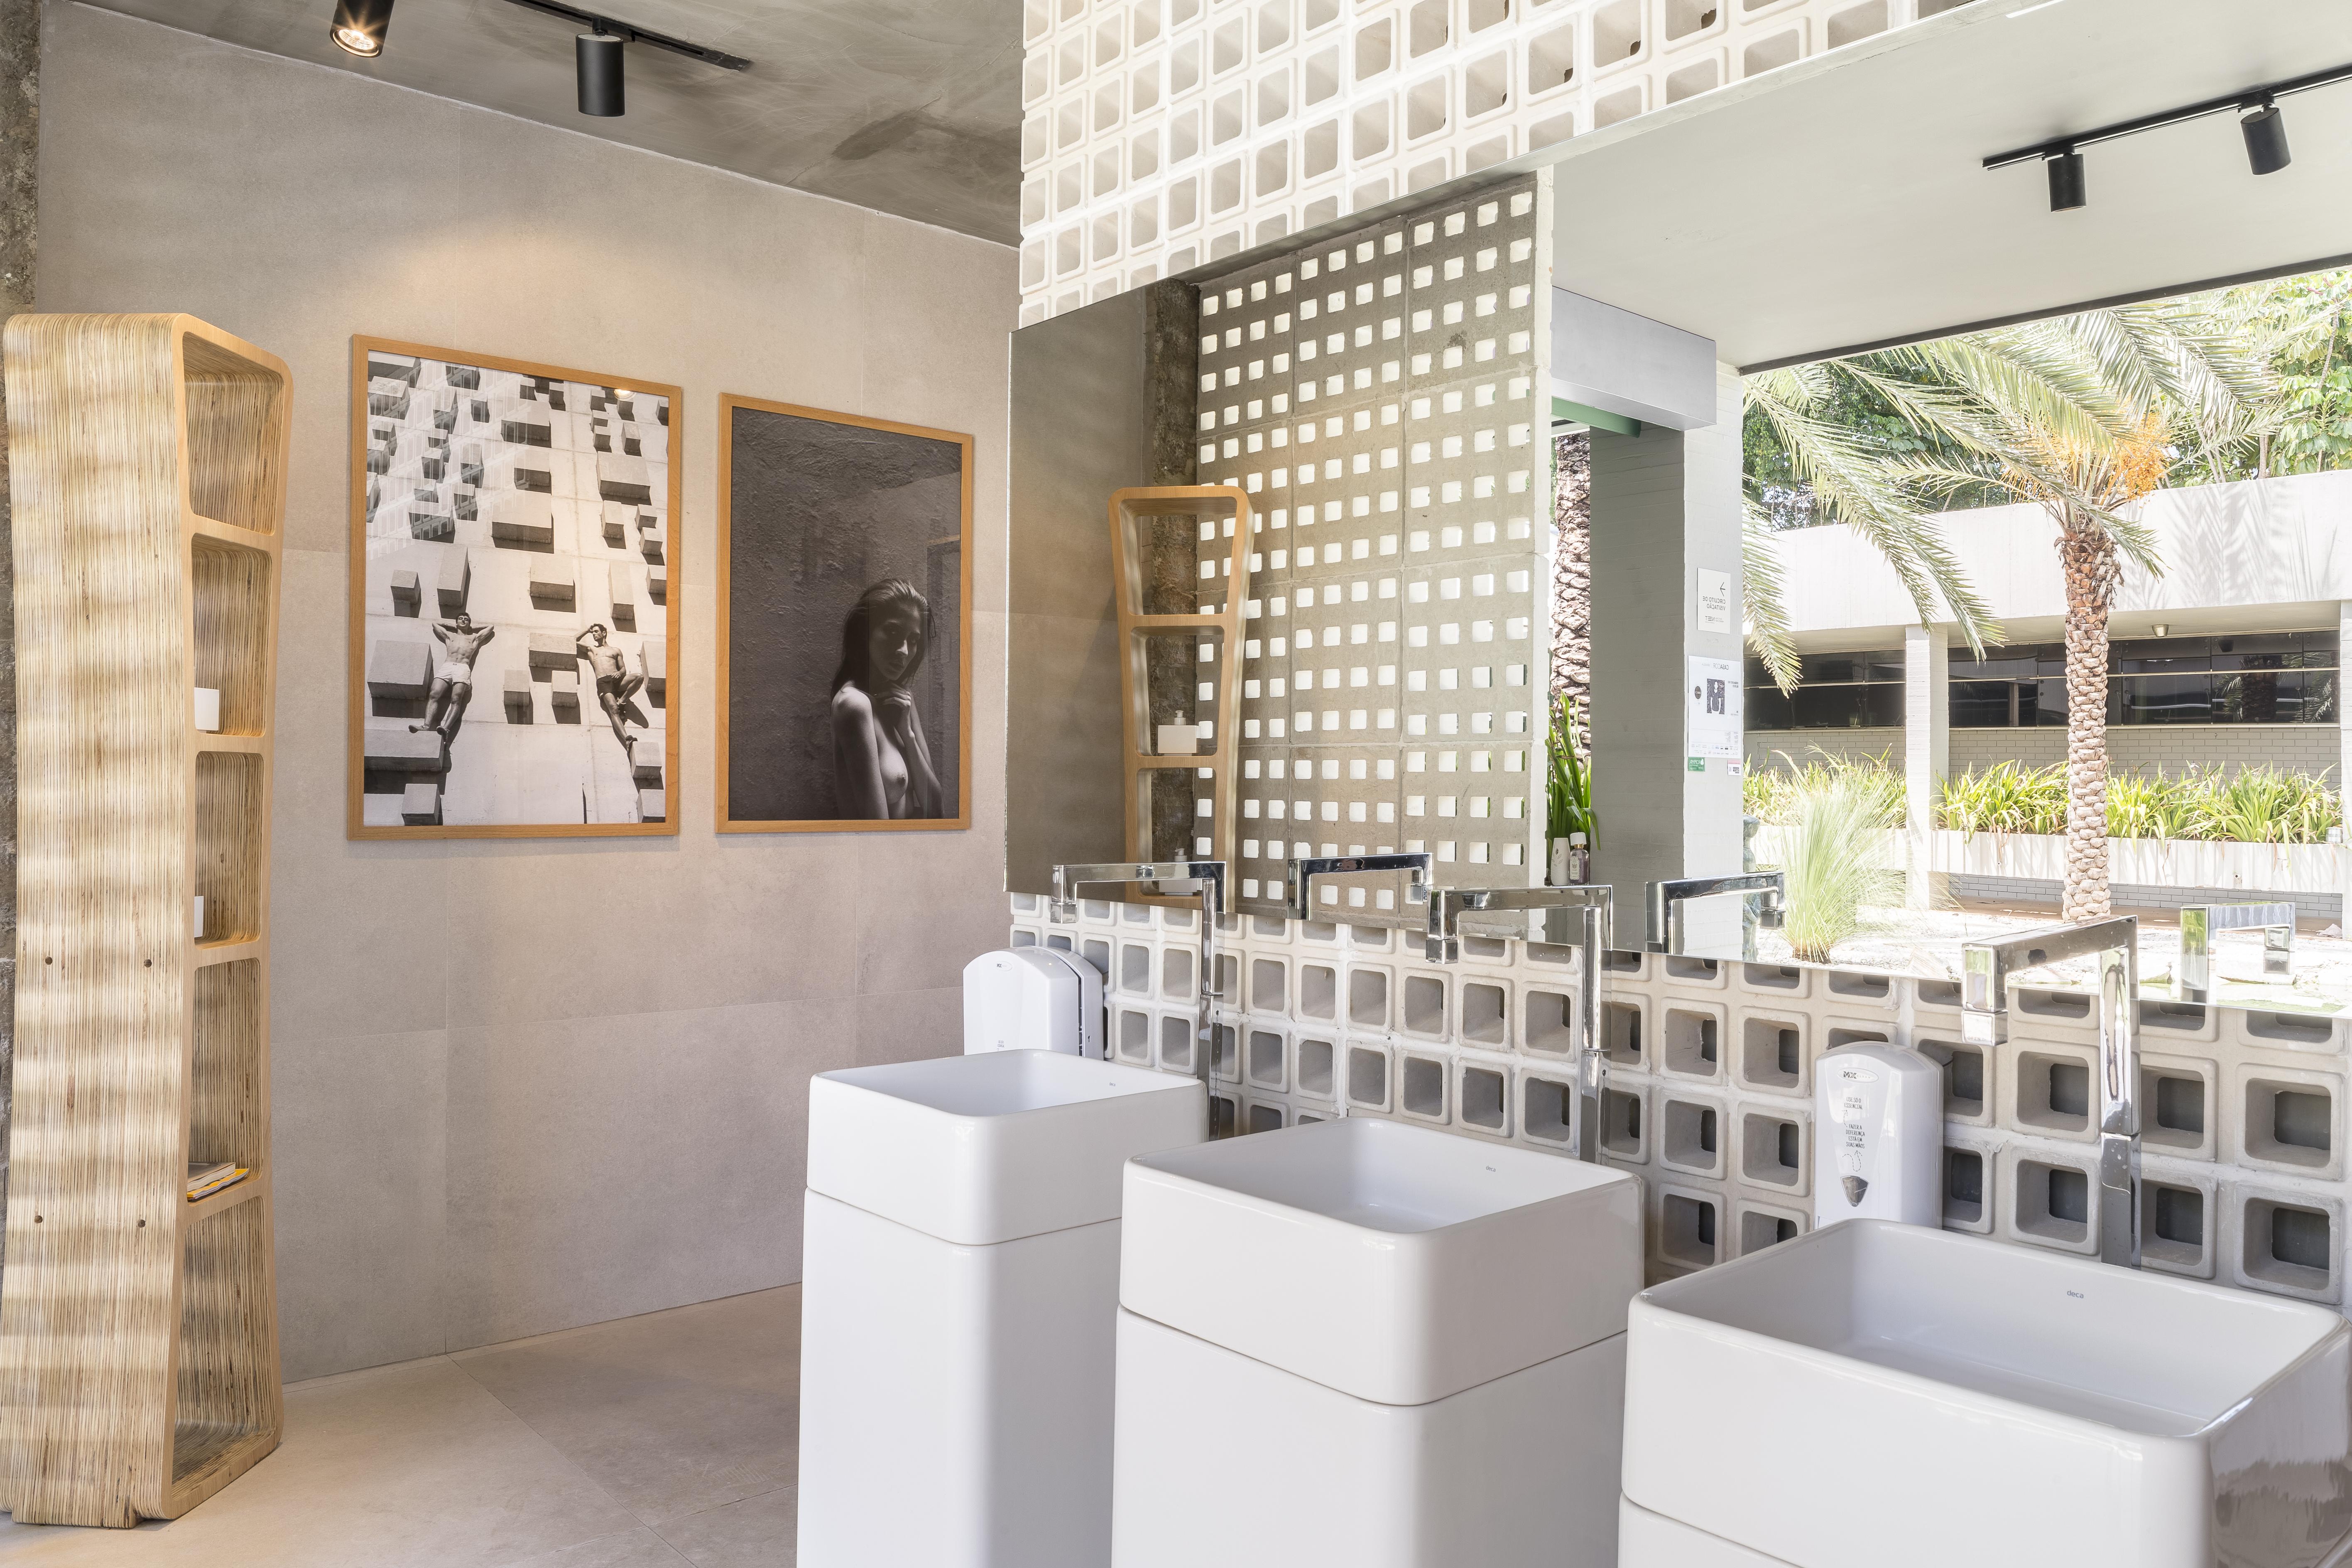 181026_Banheiro_Casa_Cor_032-HDR-Editar.